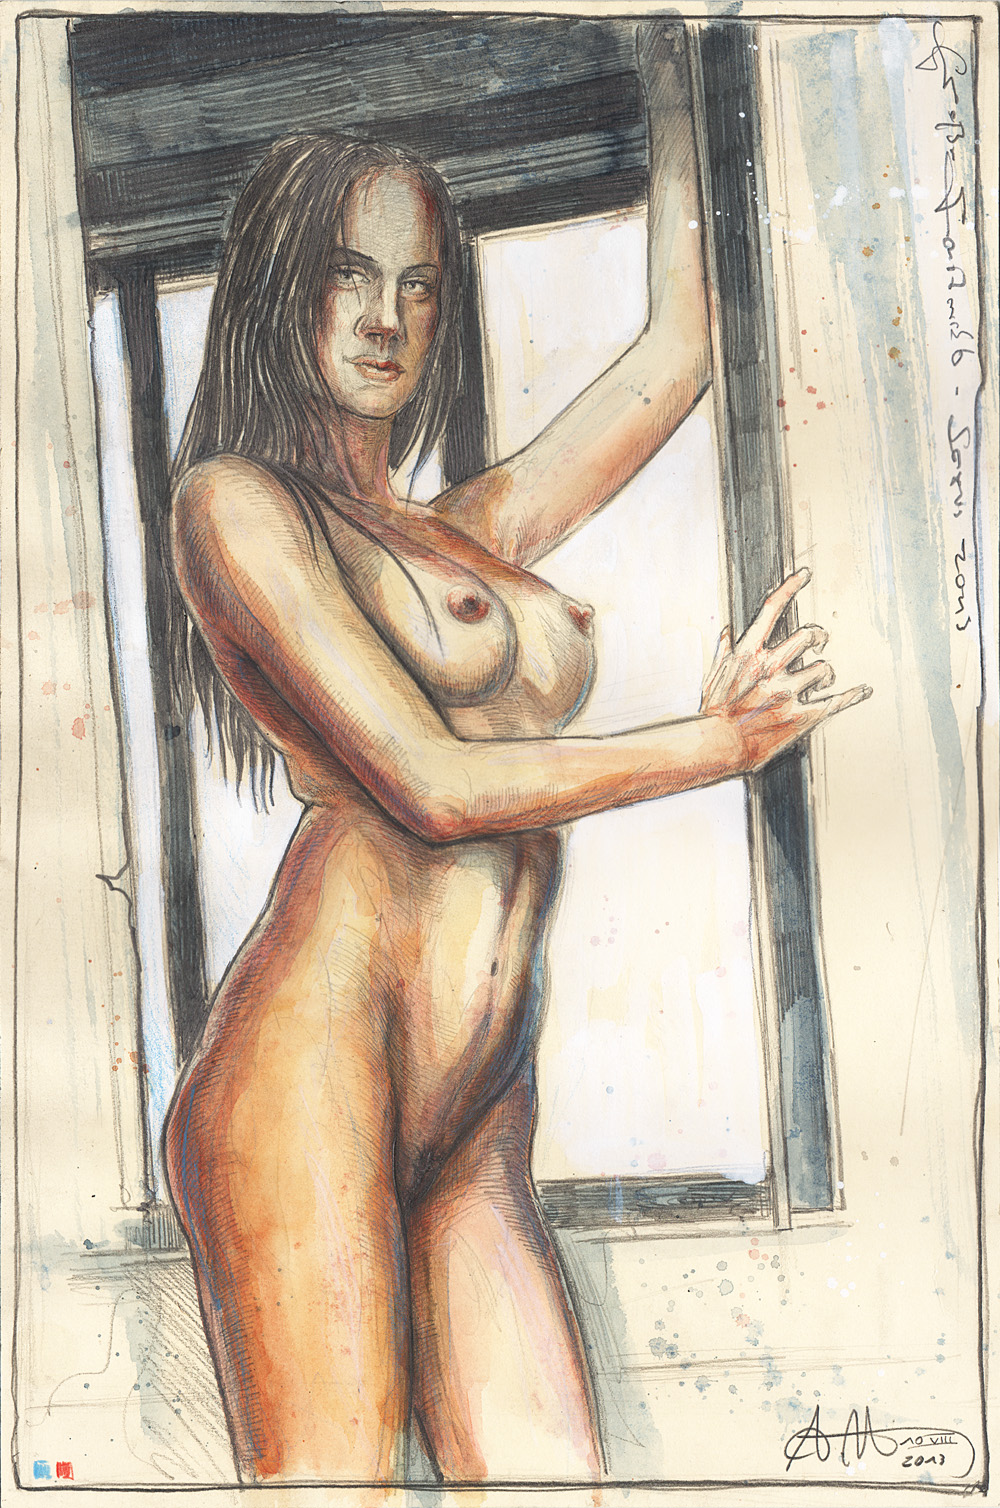 Großer Fensterakt - Sexus 2013